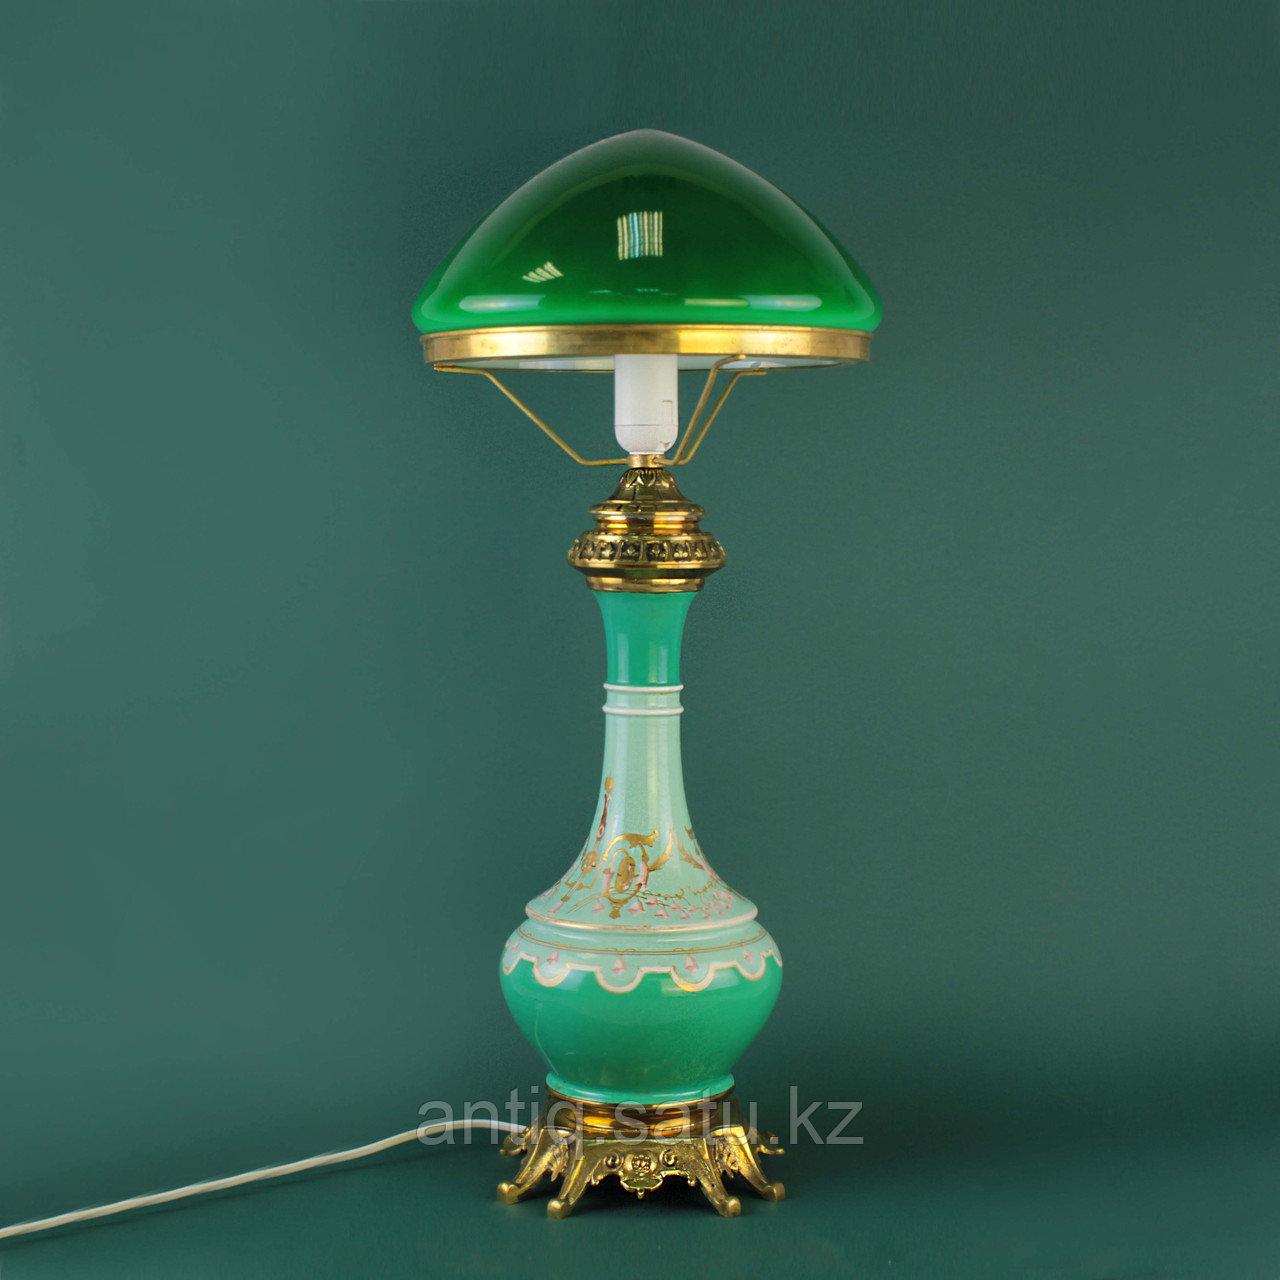 Настольная лампа с зеленым куполом. - фото 1